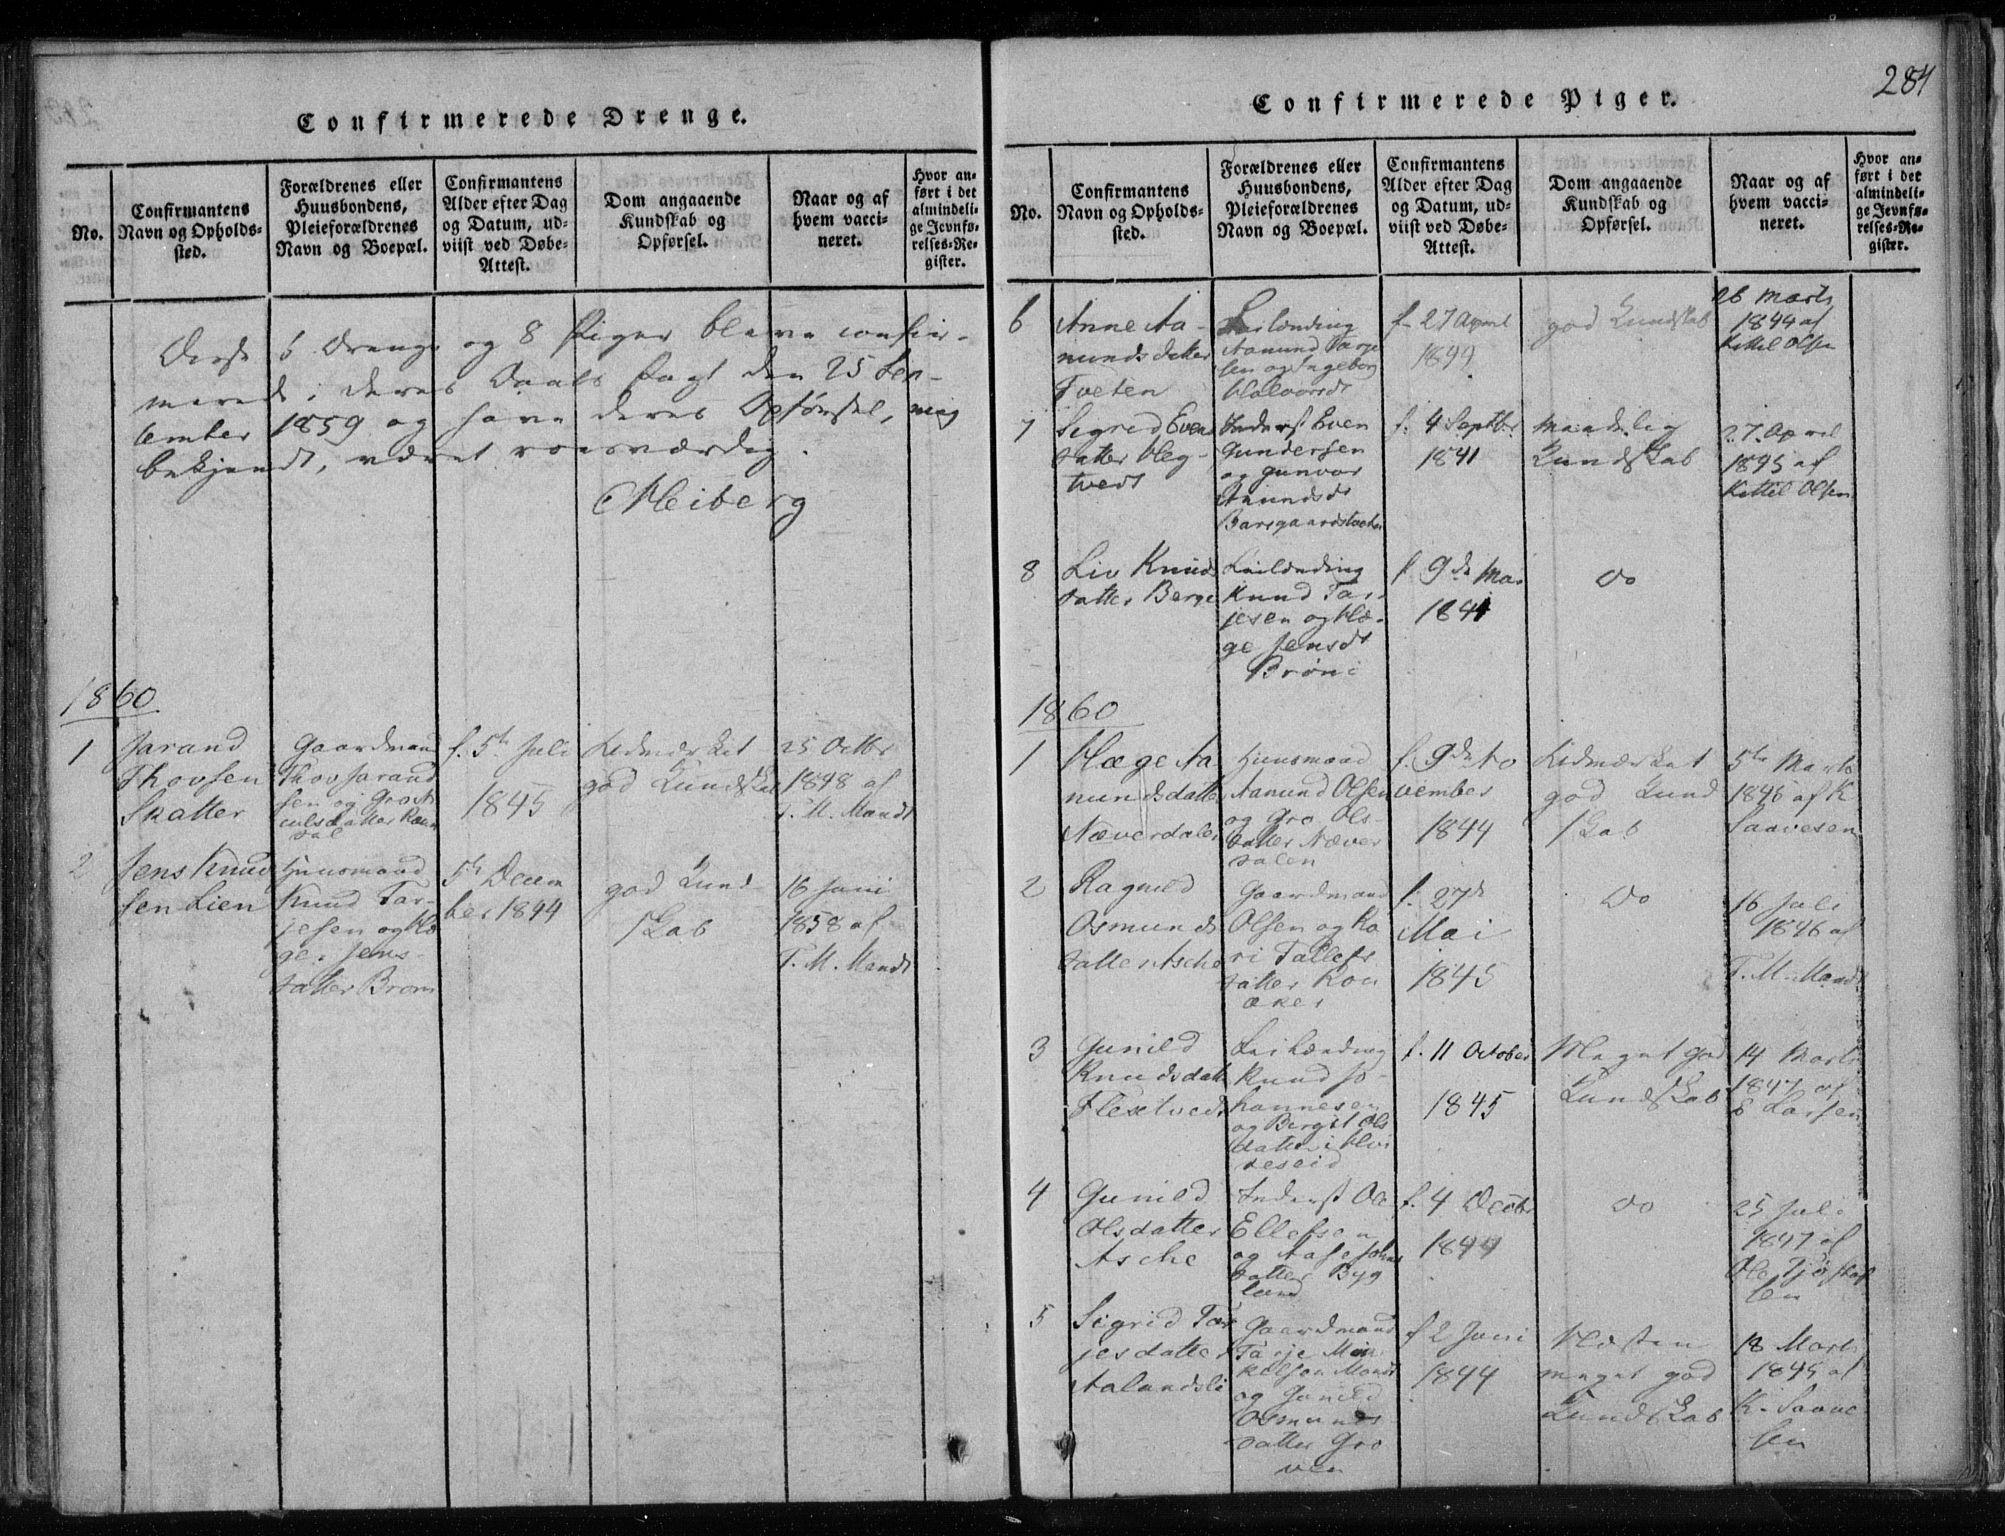 SAKO, Lårdal kirkebøker, F/Fa/L0005: Ministerialbok nr. I 5, 1815-1860, s. 284